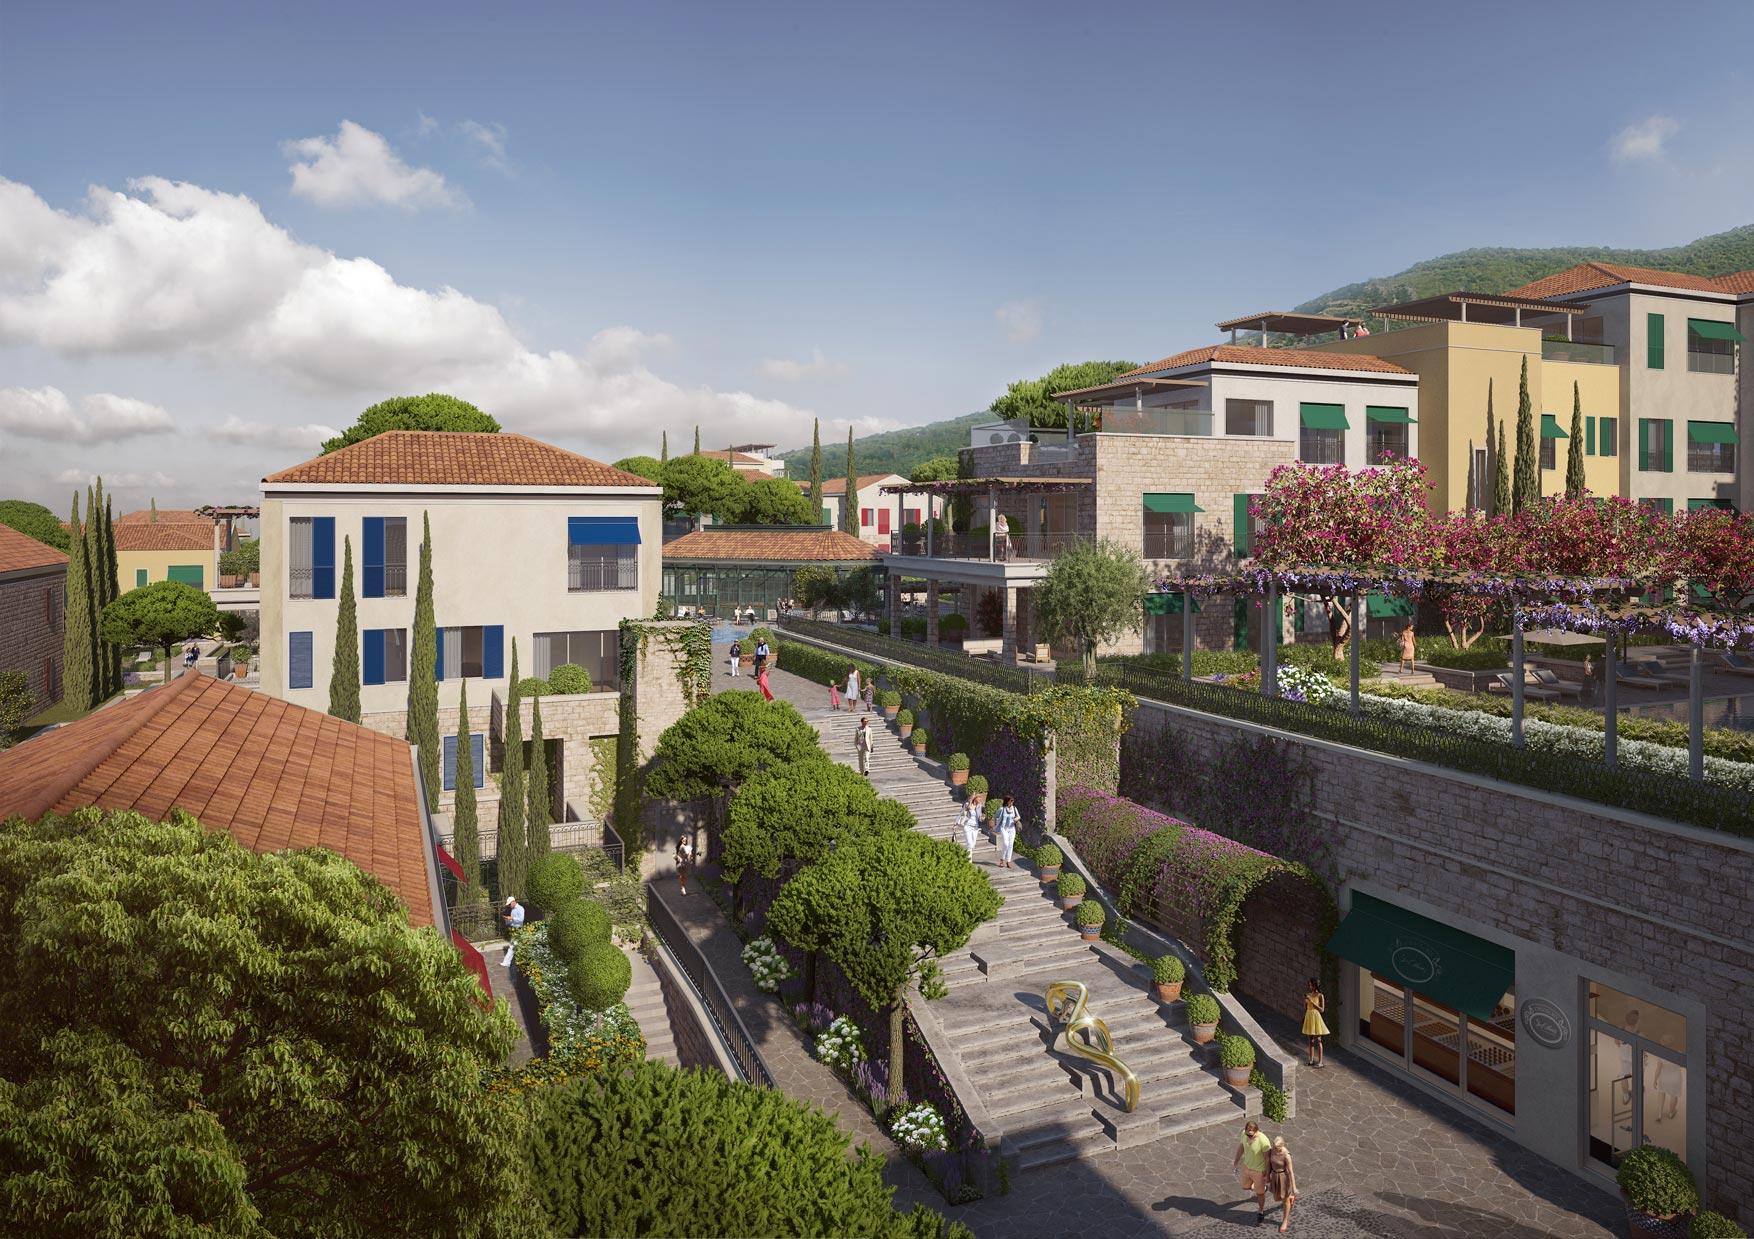 Elite-resort-with-luxury-apartments-in-Herceg-Novi (14).jpg